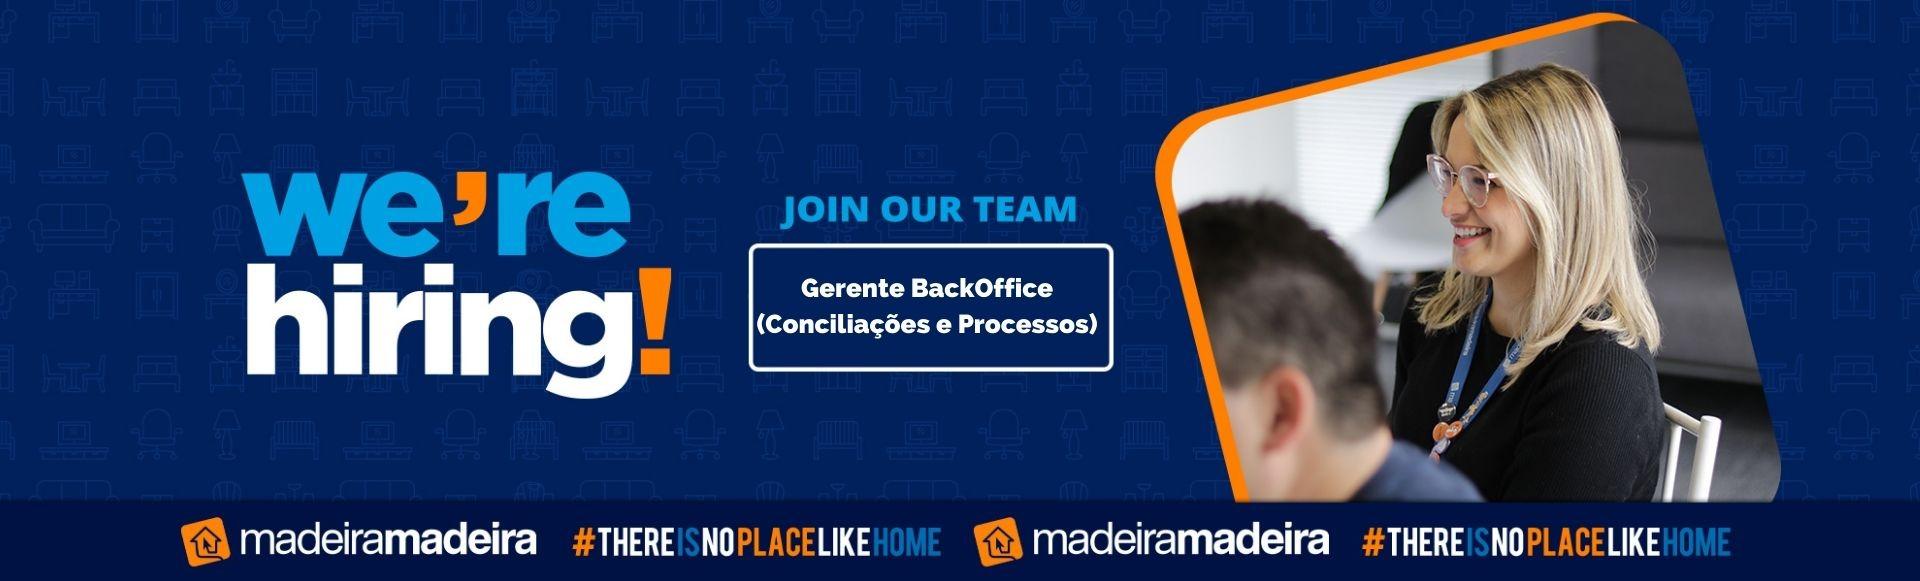 Gerente  BackOffice (Conciliações e Processos)